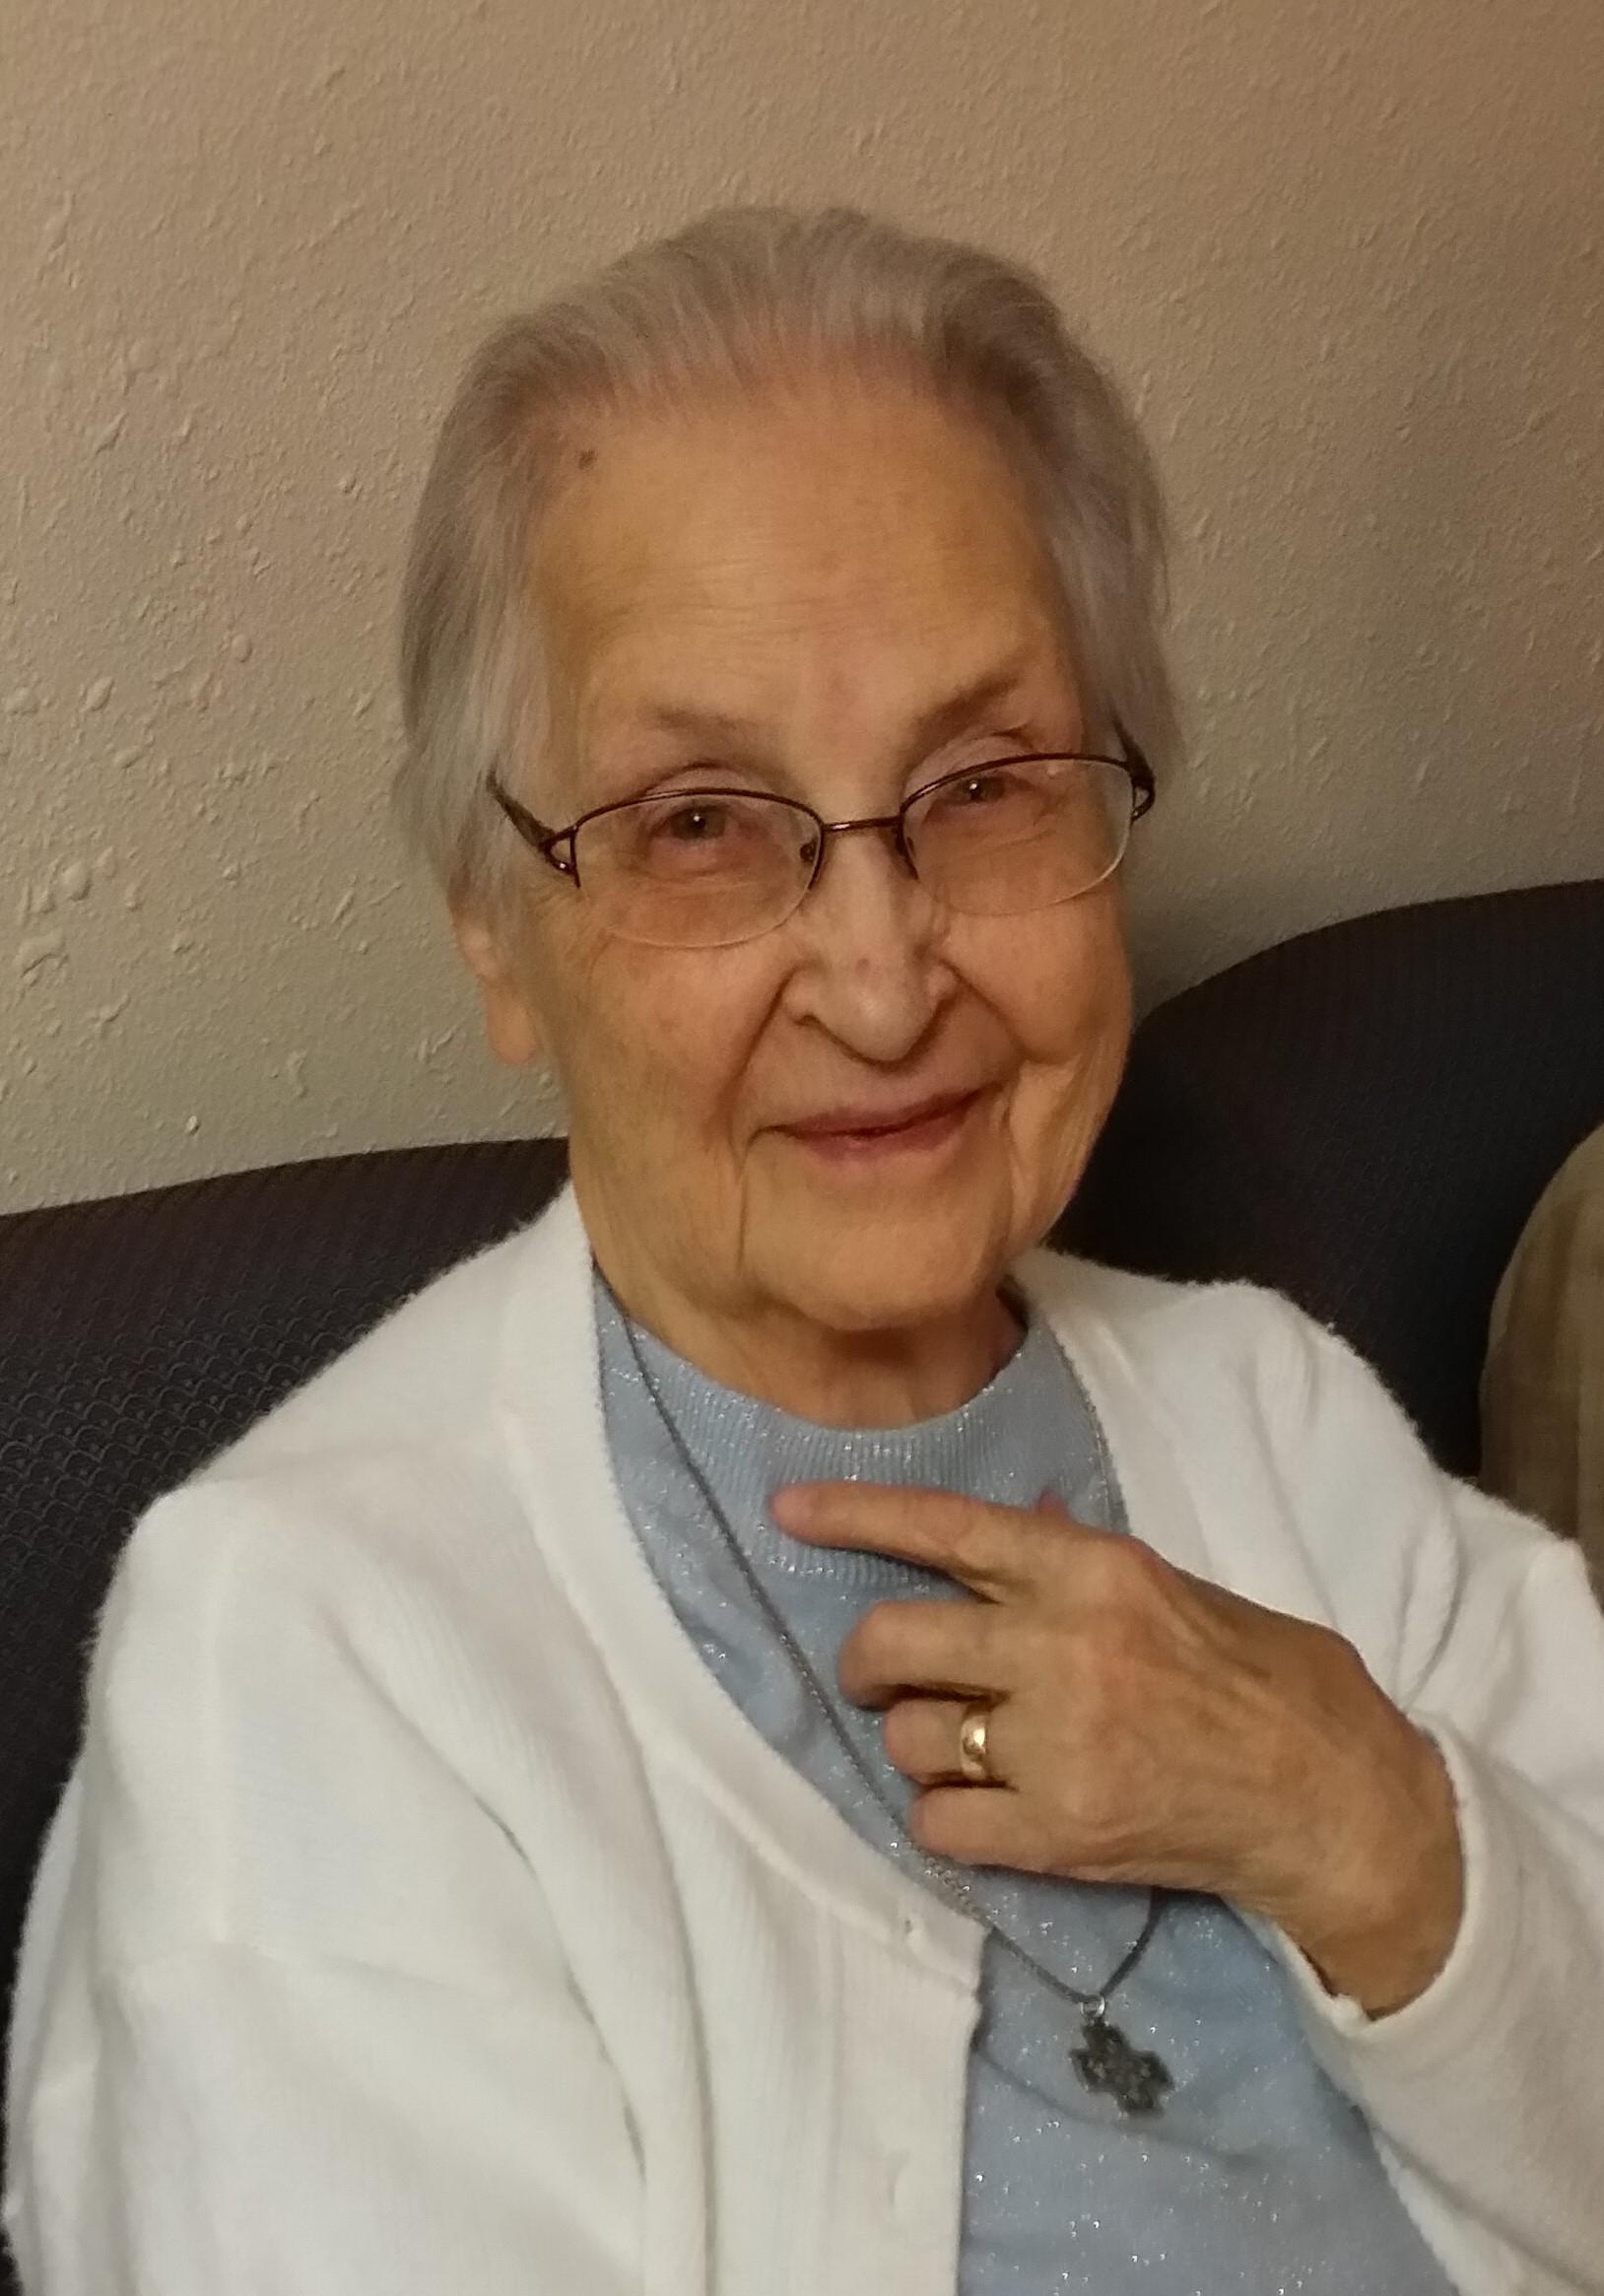 Sister Irene Lemire